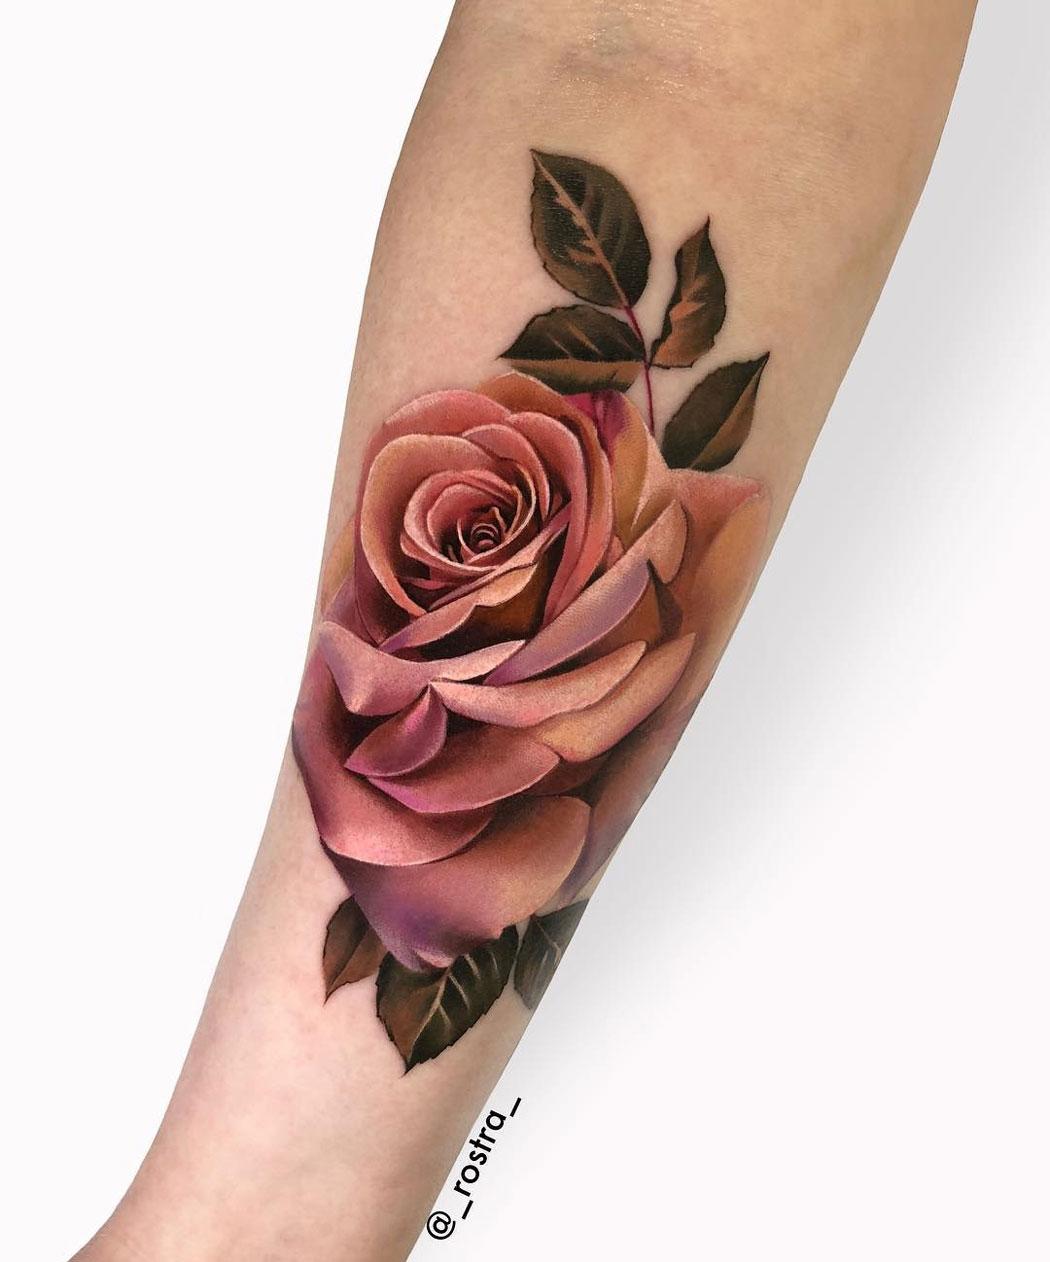 Rose in Muted Tones